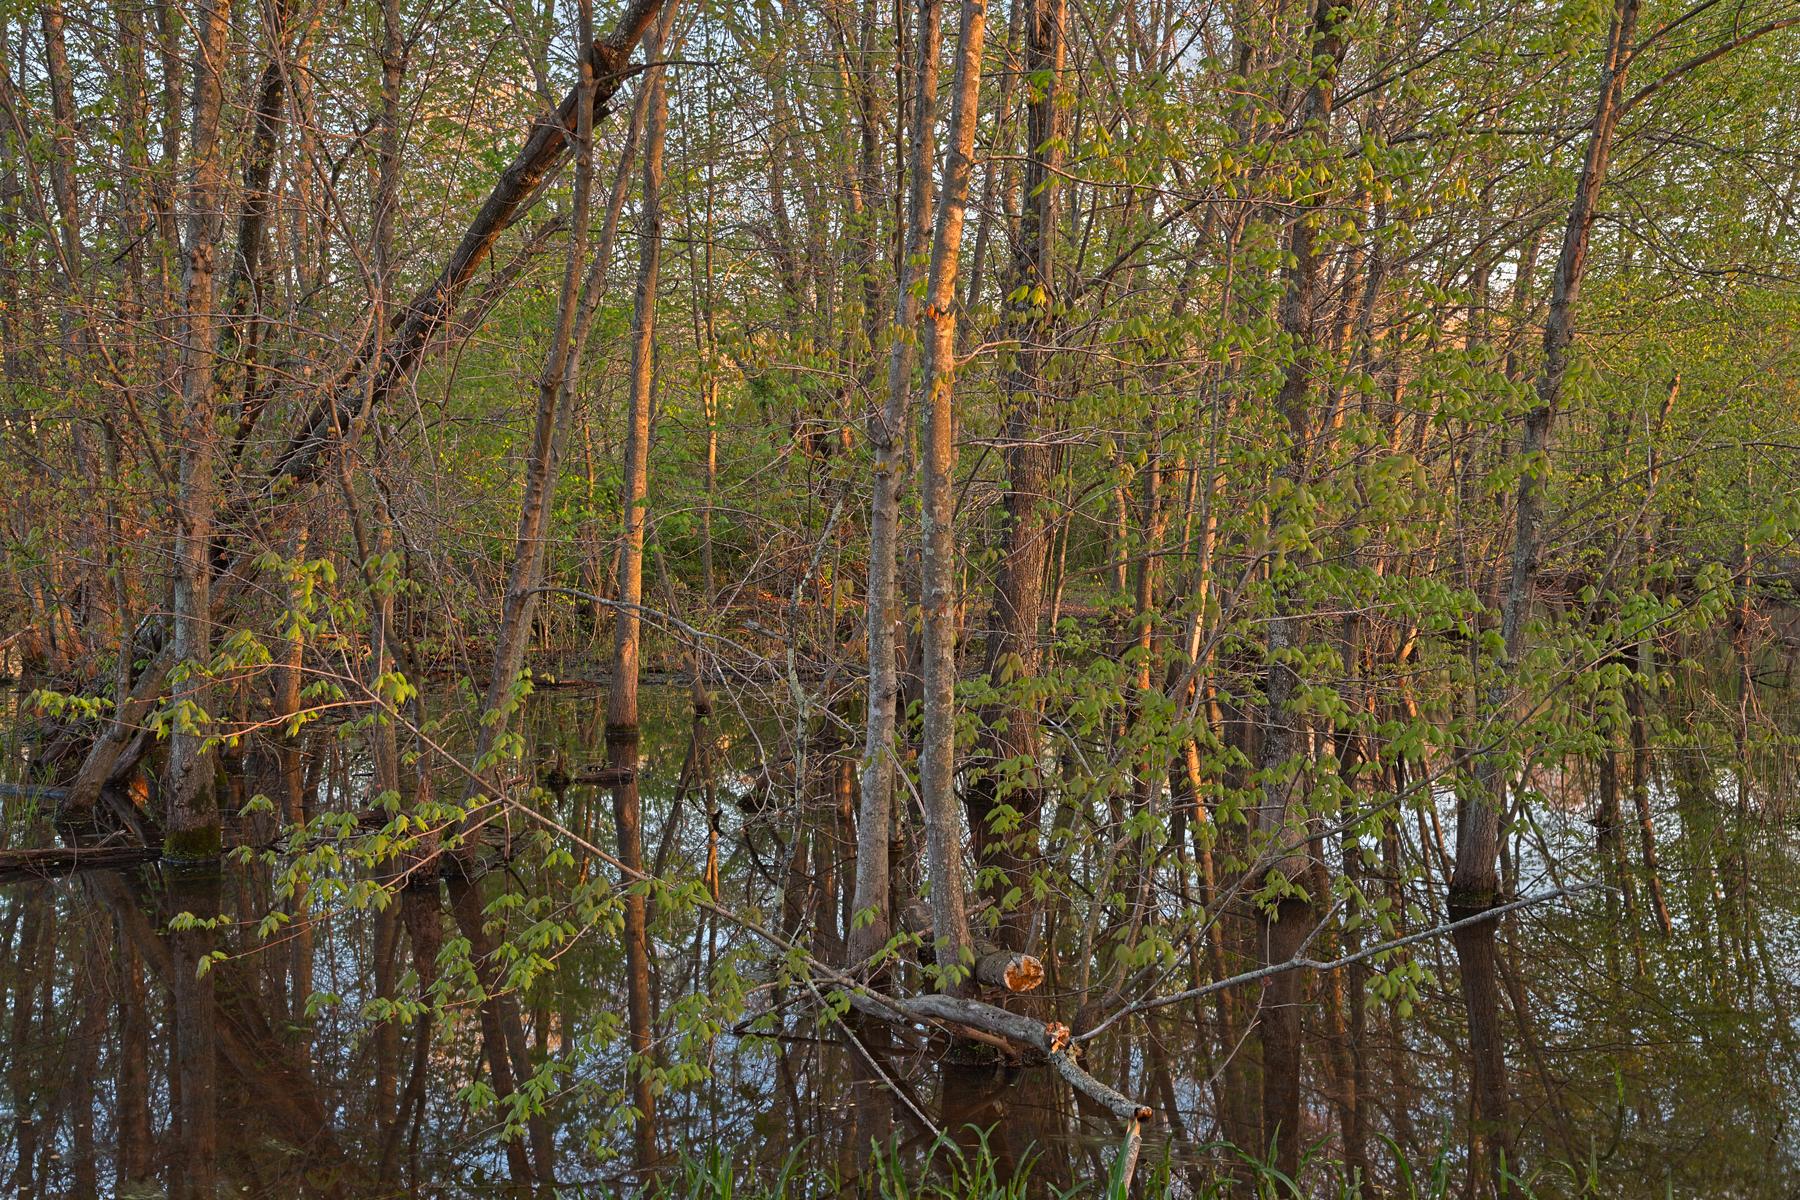 Mckee-beshers marsh - hdr photo